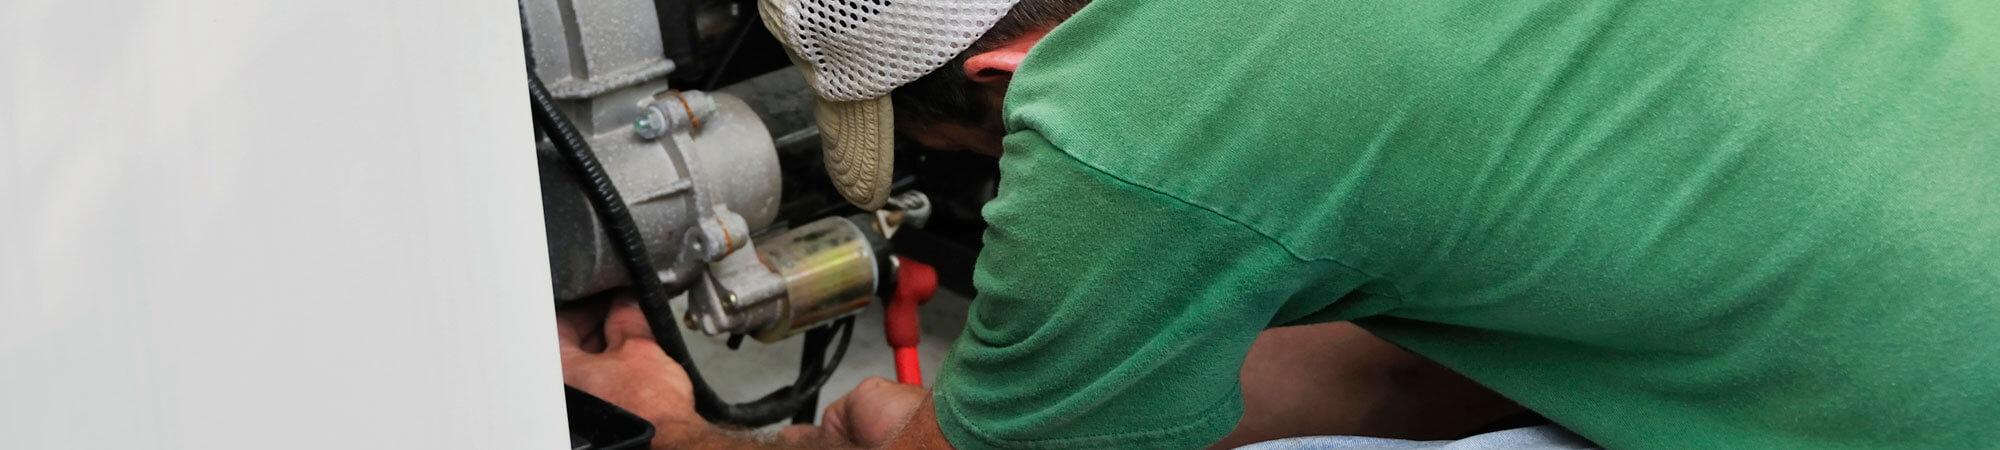 Heating Repairman